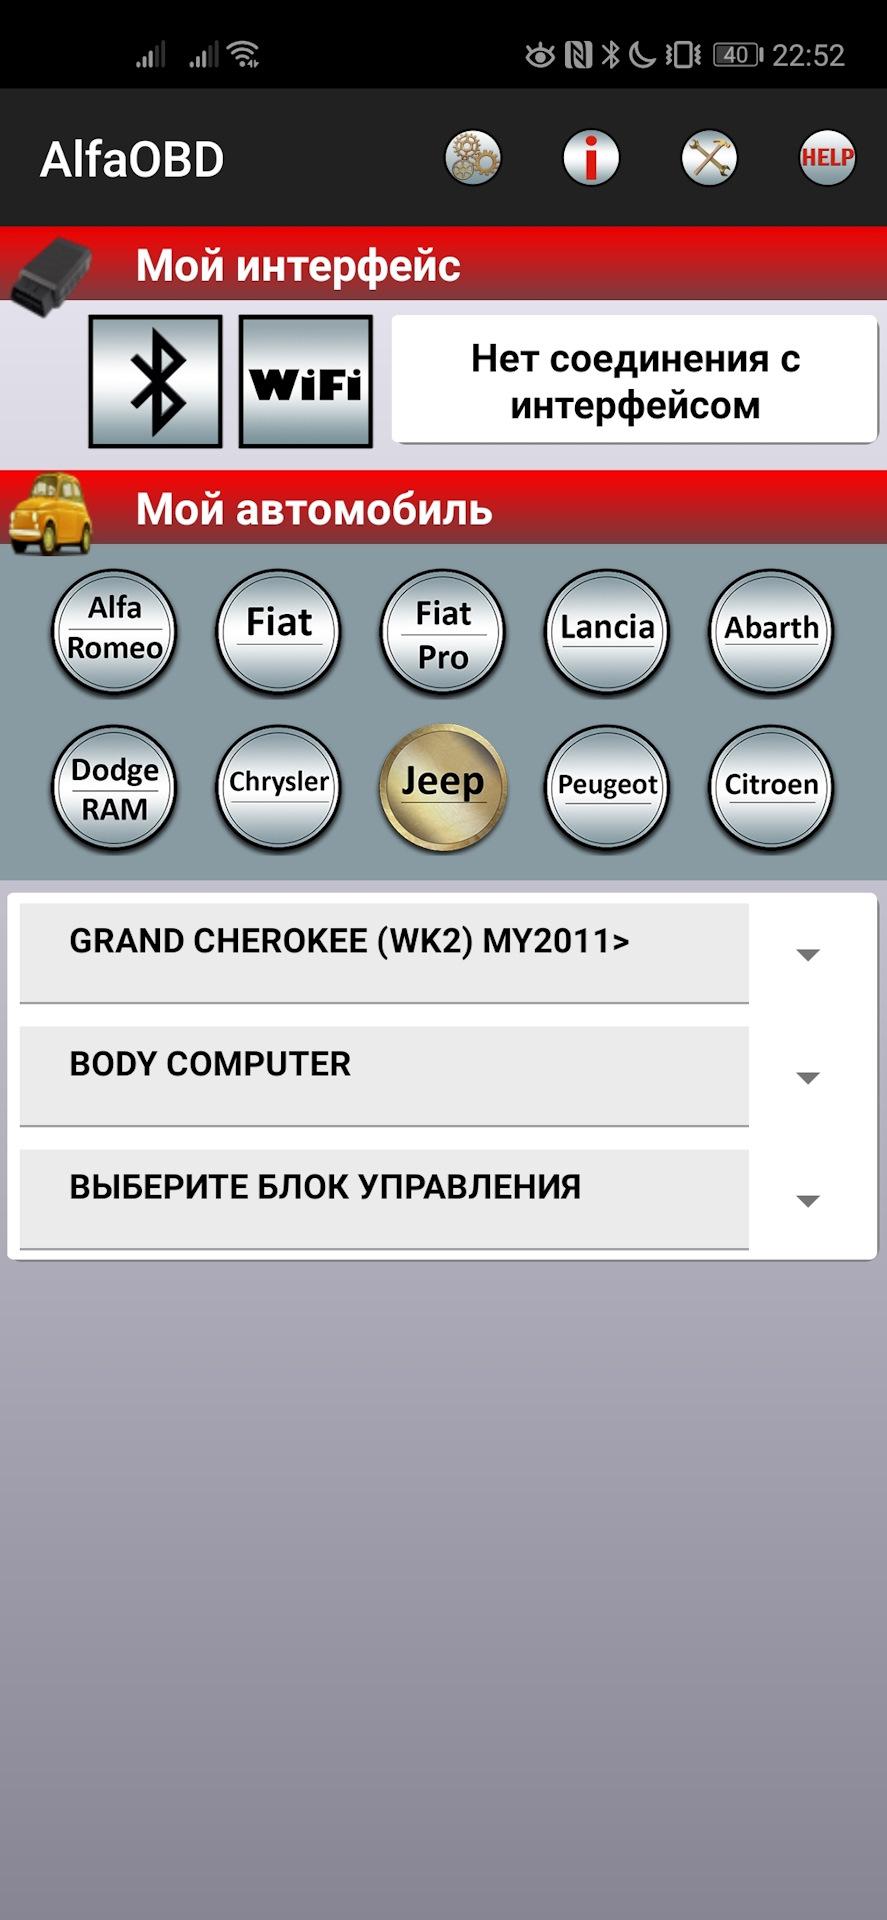 5EAAAgK_MeA-960.jpg